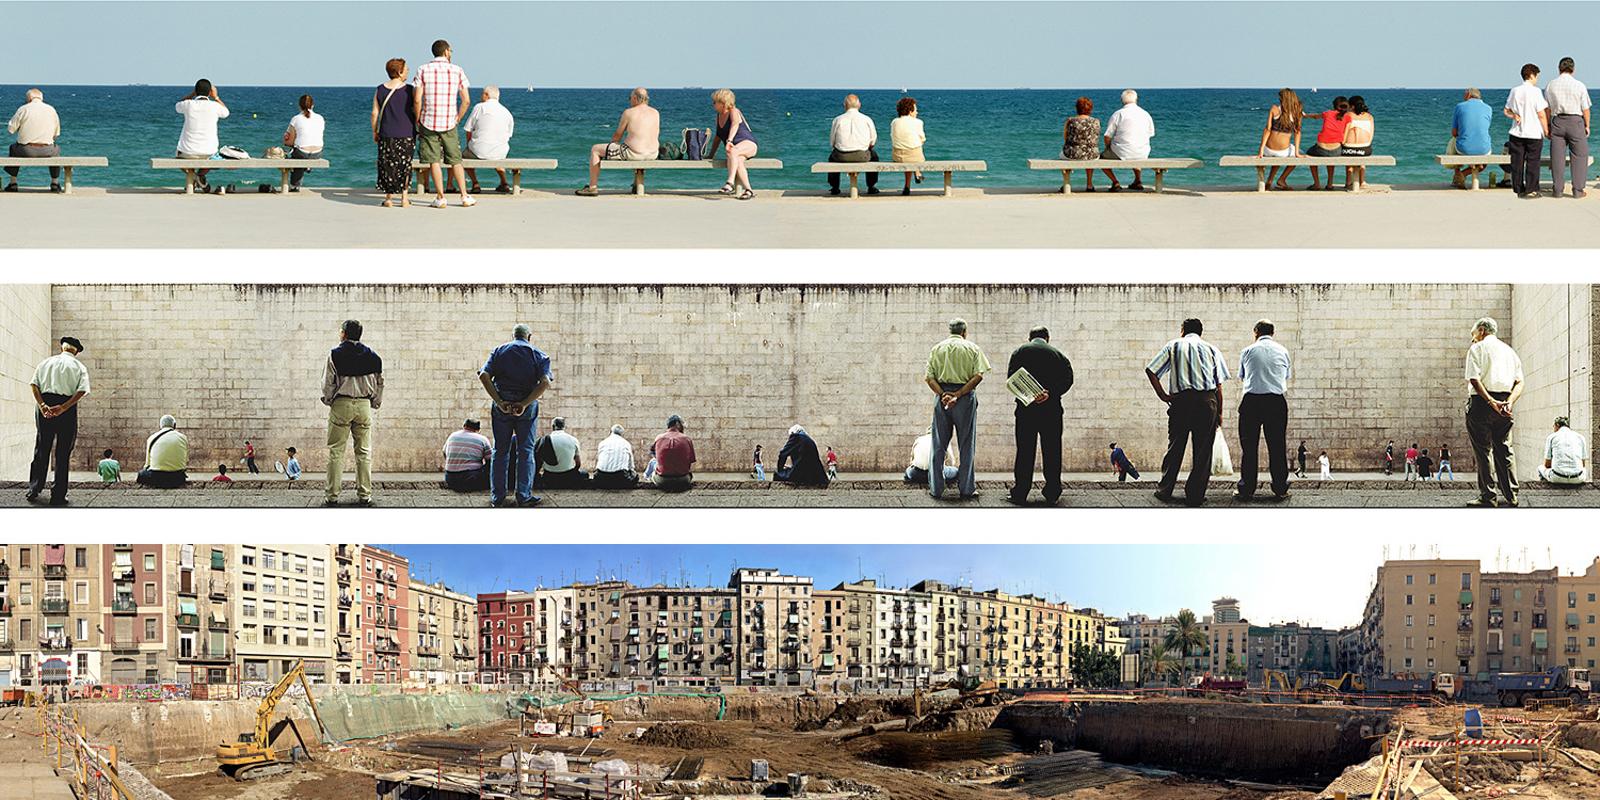 Panoramiques réalisés en espagne 2003-2005. Tirages sur bâche de 20m de long réalisés à l'occasion du Festival d'Architecture Eme3 à Barcelone en 2005. Les images été placées dans différents lieux publics du quartier de Poble Nou lors du festival. Elles continuent aujourd'hui à voyager et se poser dans d'autres lieux, pays.